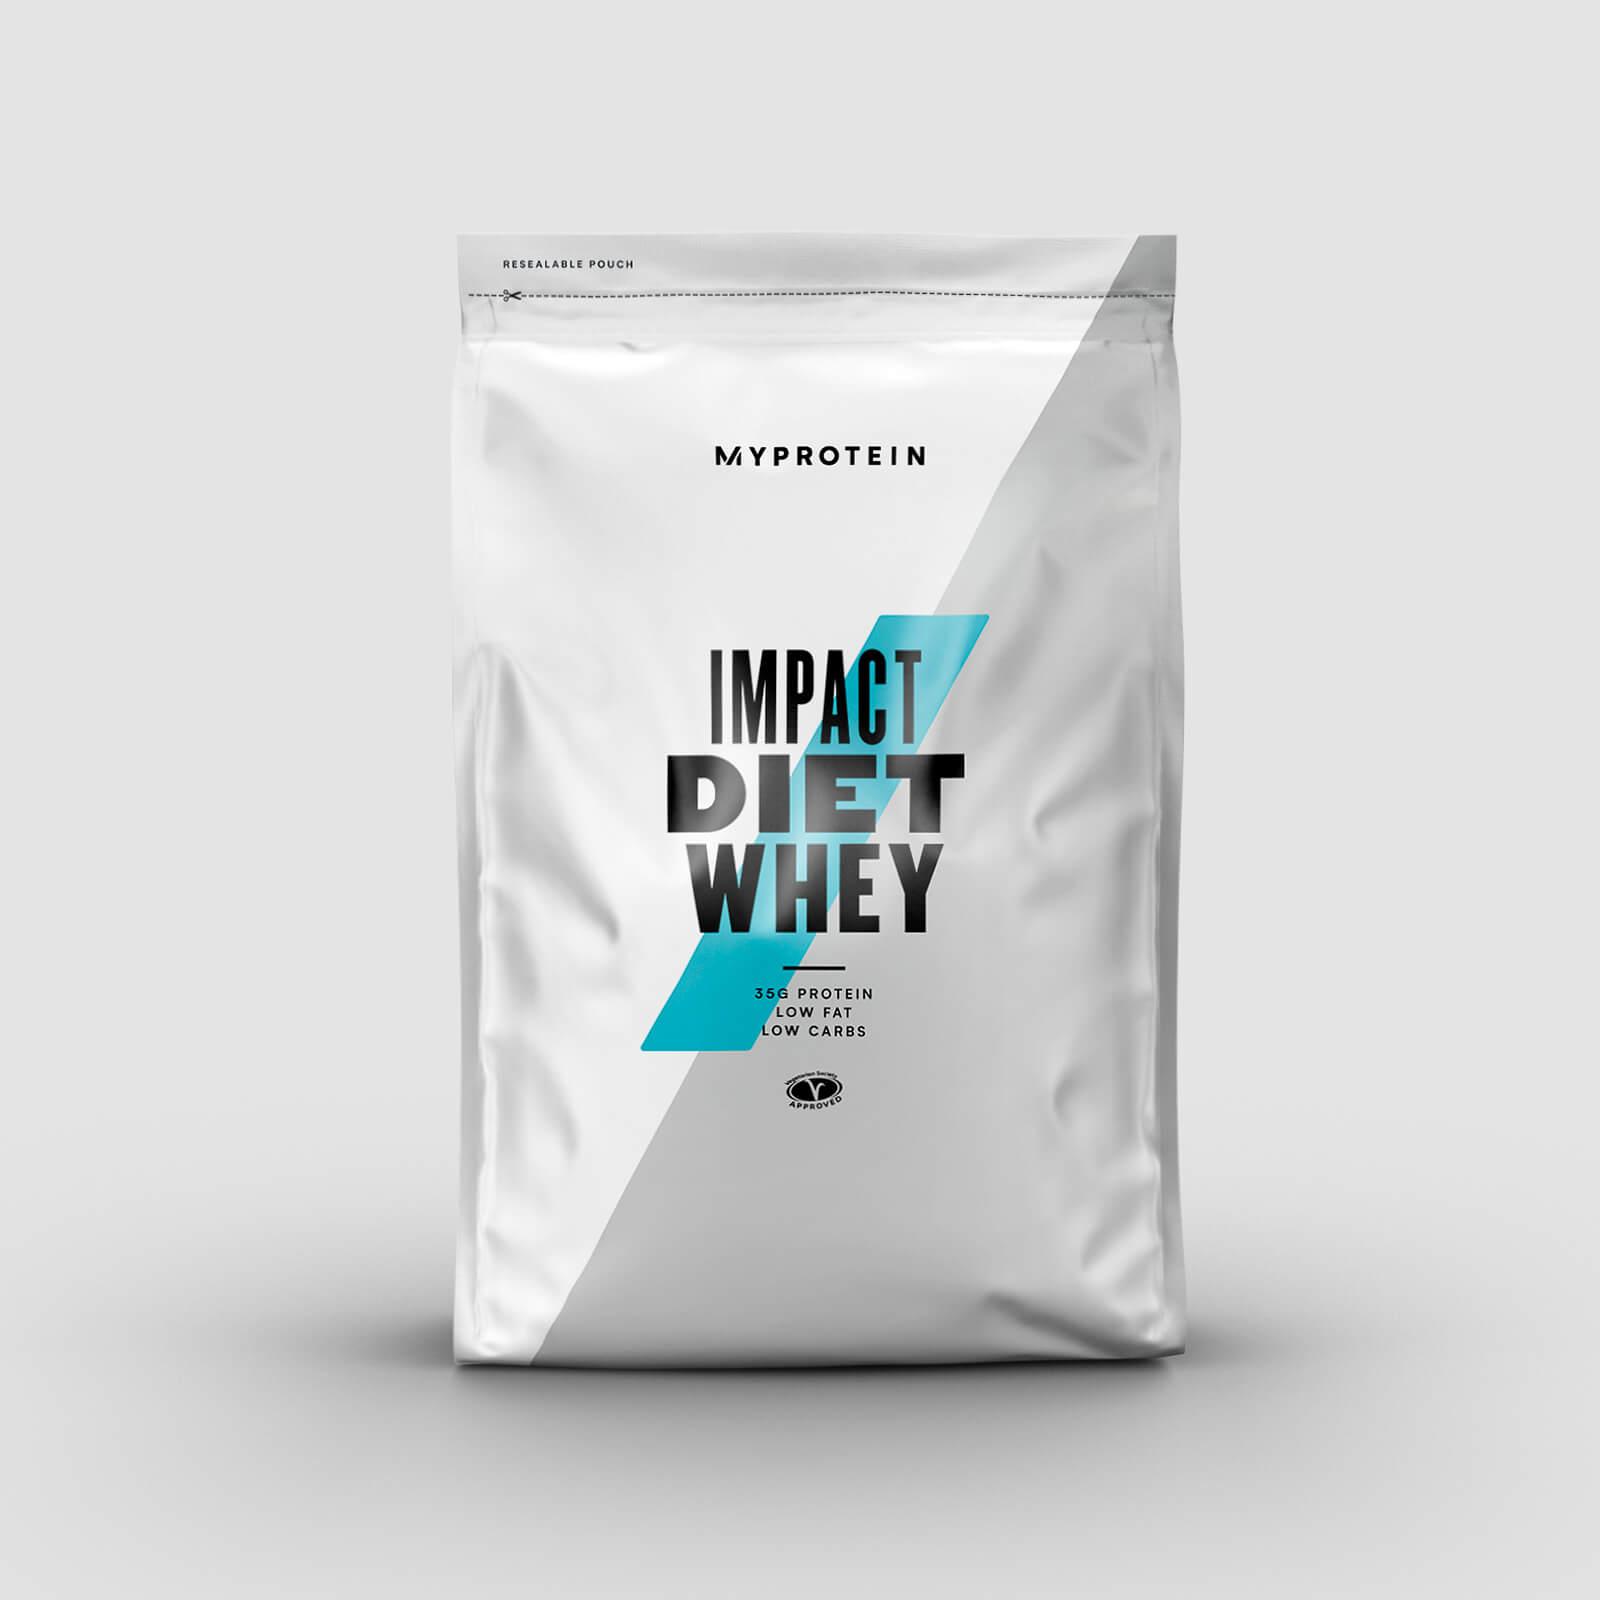 MyProtein Impact Diet Whey Příchuť: Čokoláda, Hmotnost: 1000g